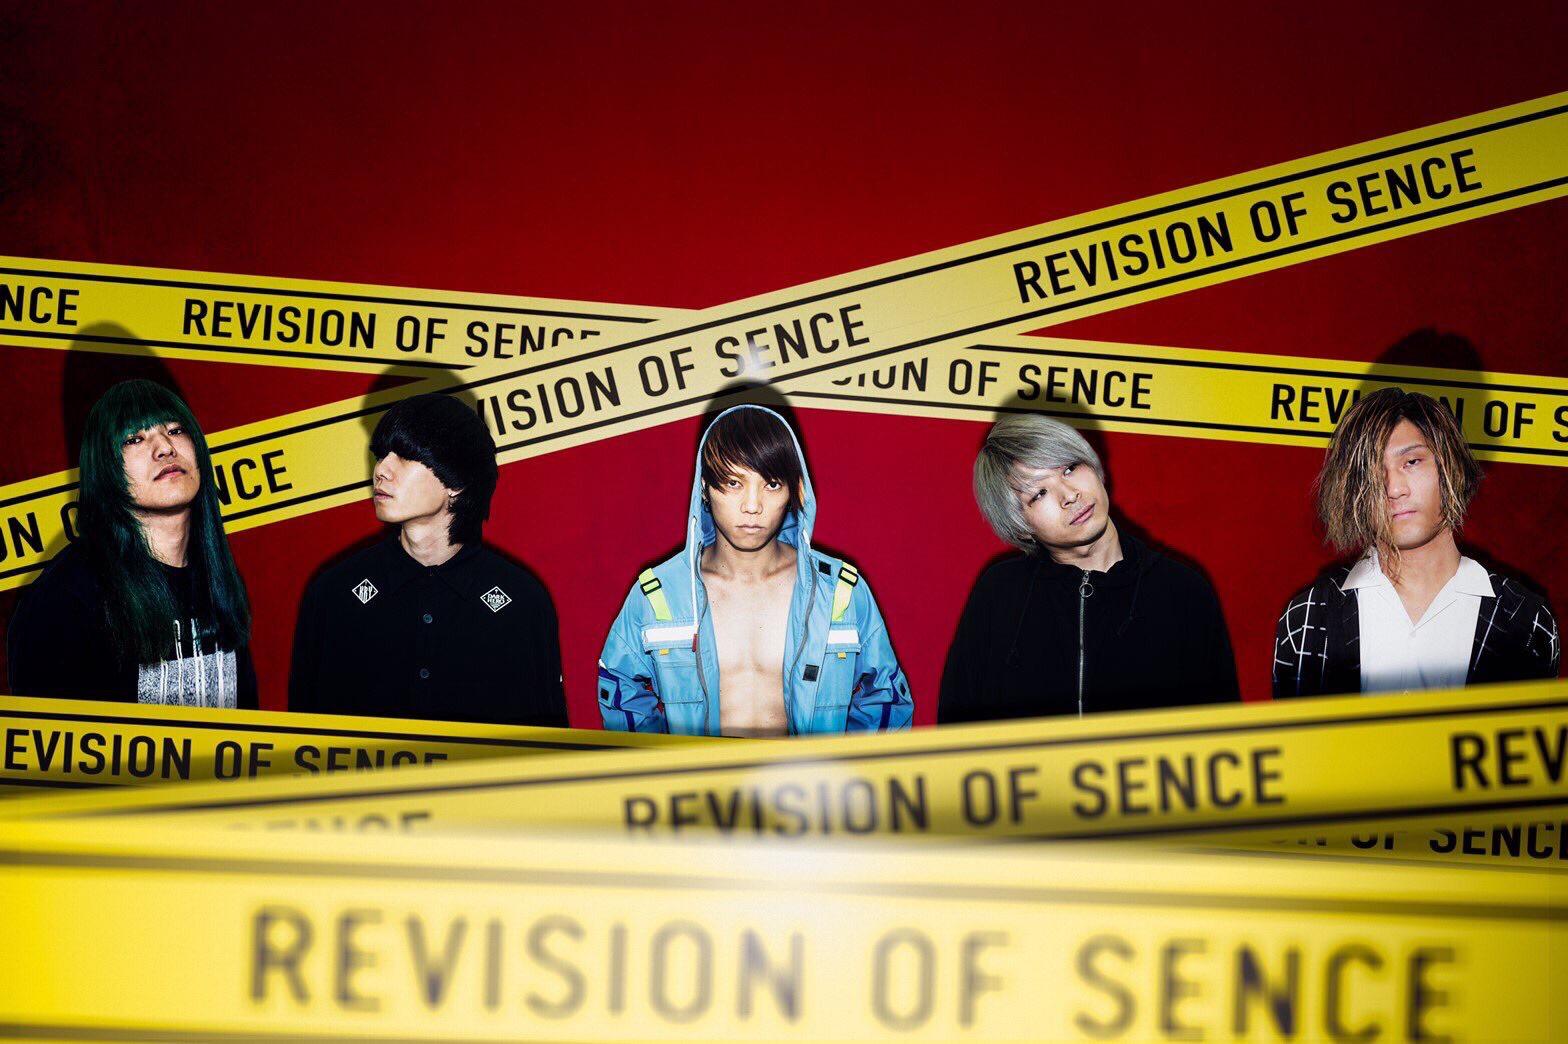 ReVision of Sence 今日もせっせとインディーズバンドのありえない挑戦ツアー [ダイブ・モッシュOK公演]